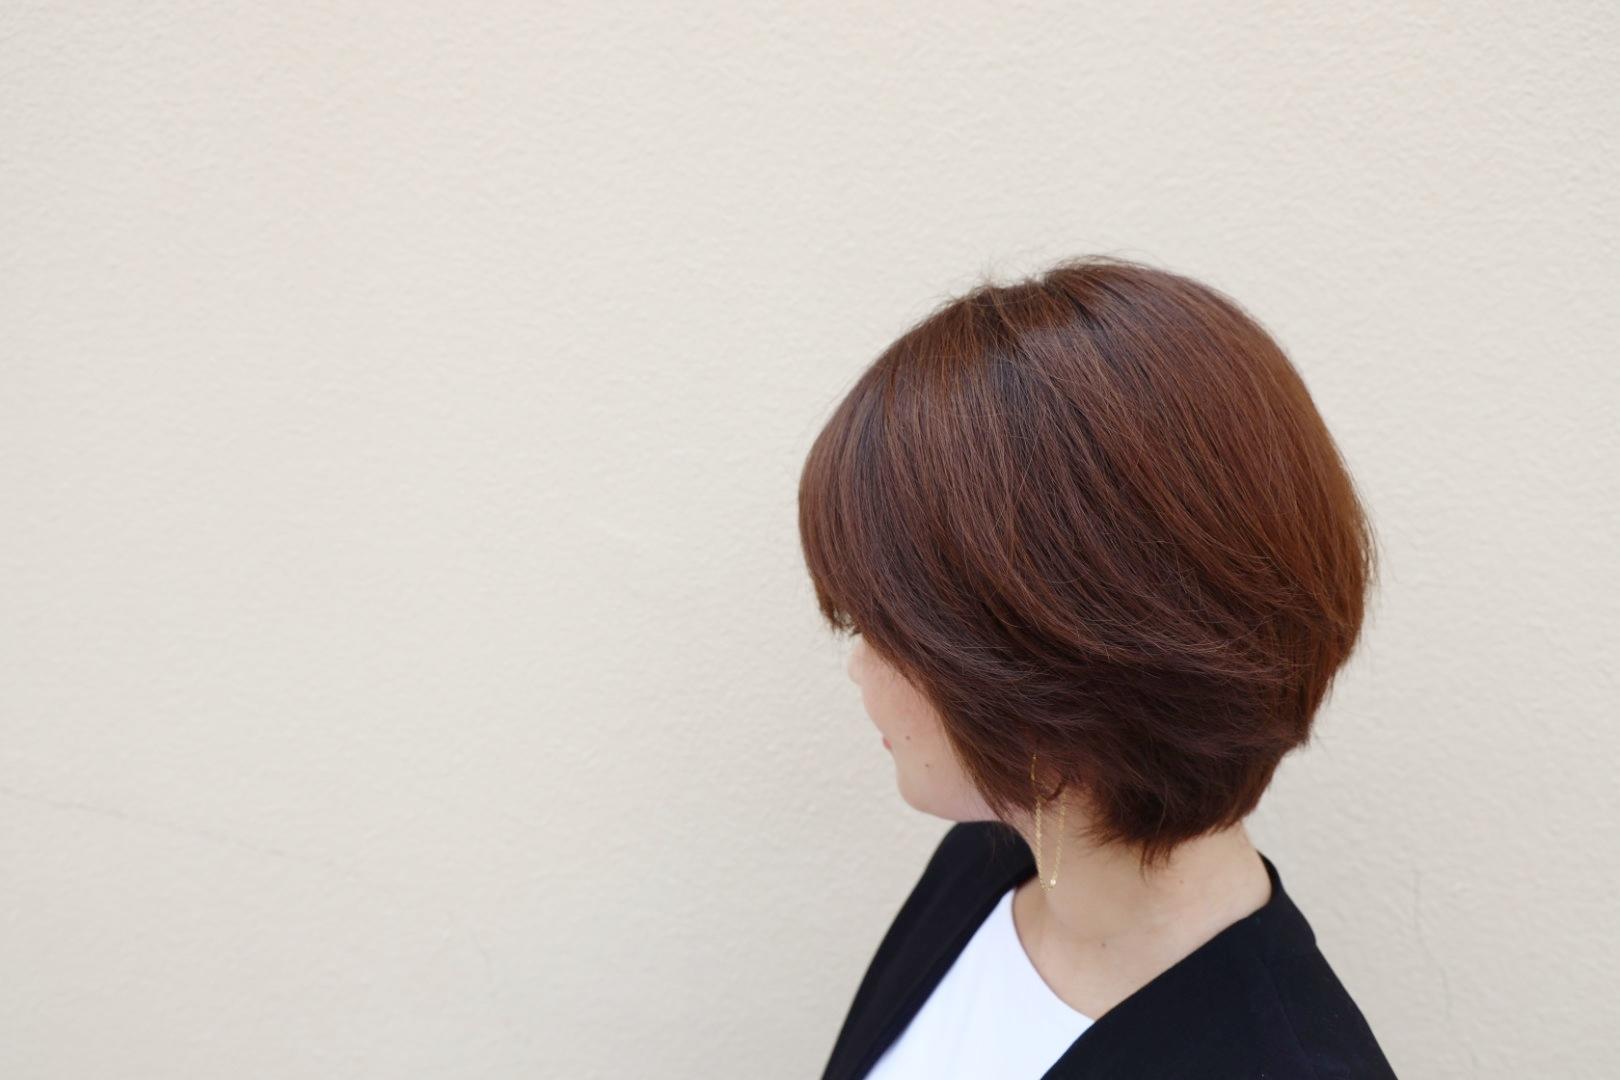 「外出自粛中でヘアサロンに行けない」問題を改善!髪の褪色をカバーする簡単ホームケア_1_4-2